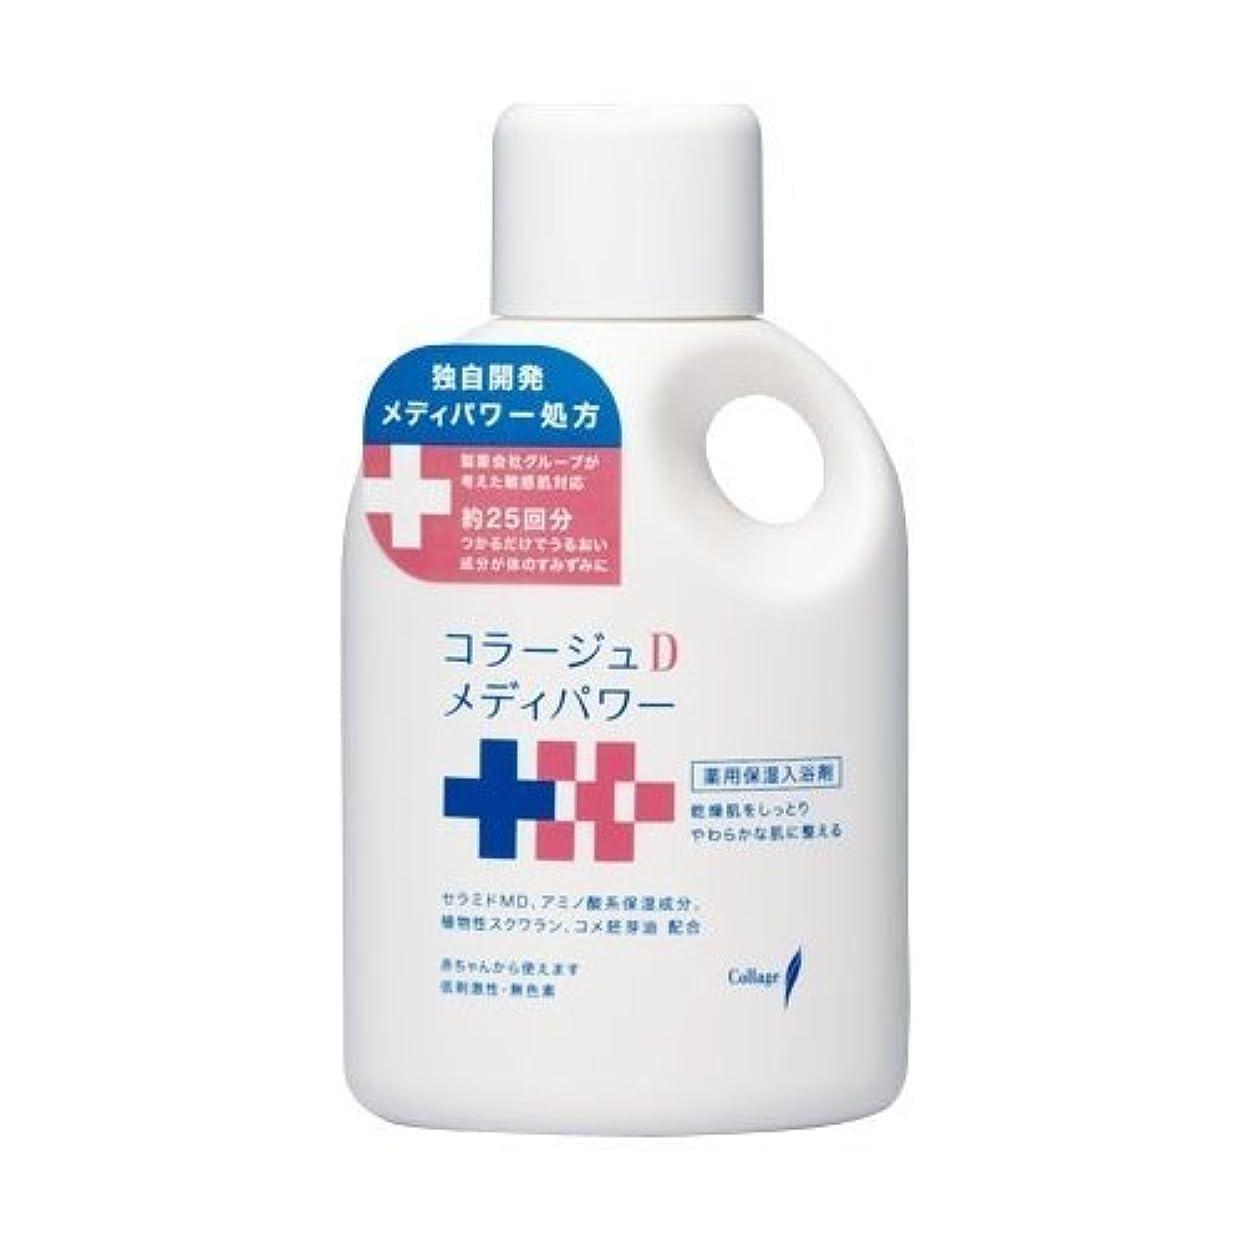 セミナー見積り平凡コラージュ Dメディパワー 保湿入浴剤 500mL (医薬部外品)